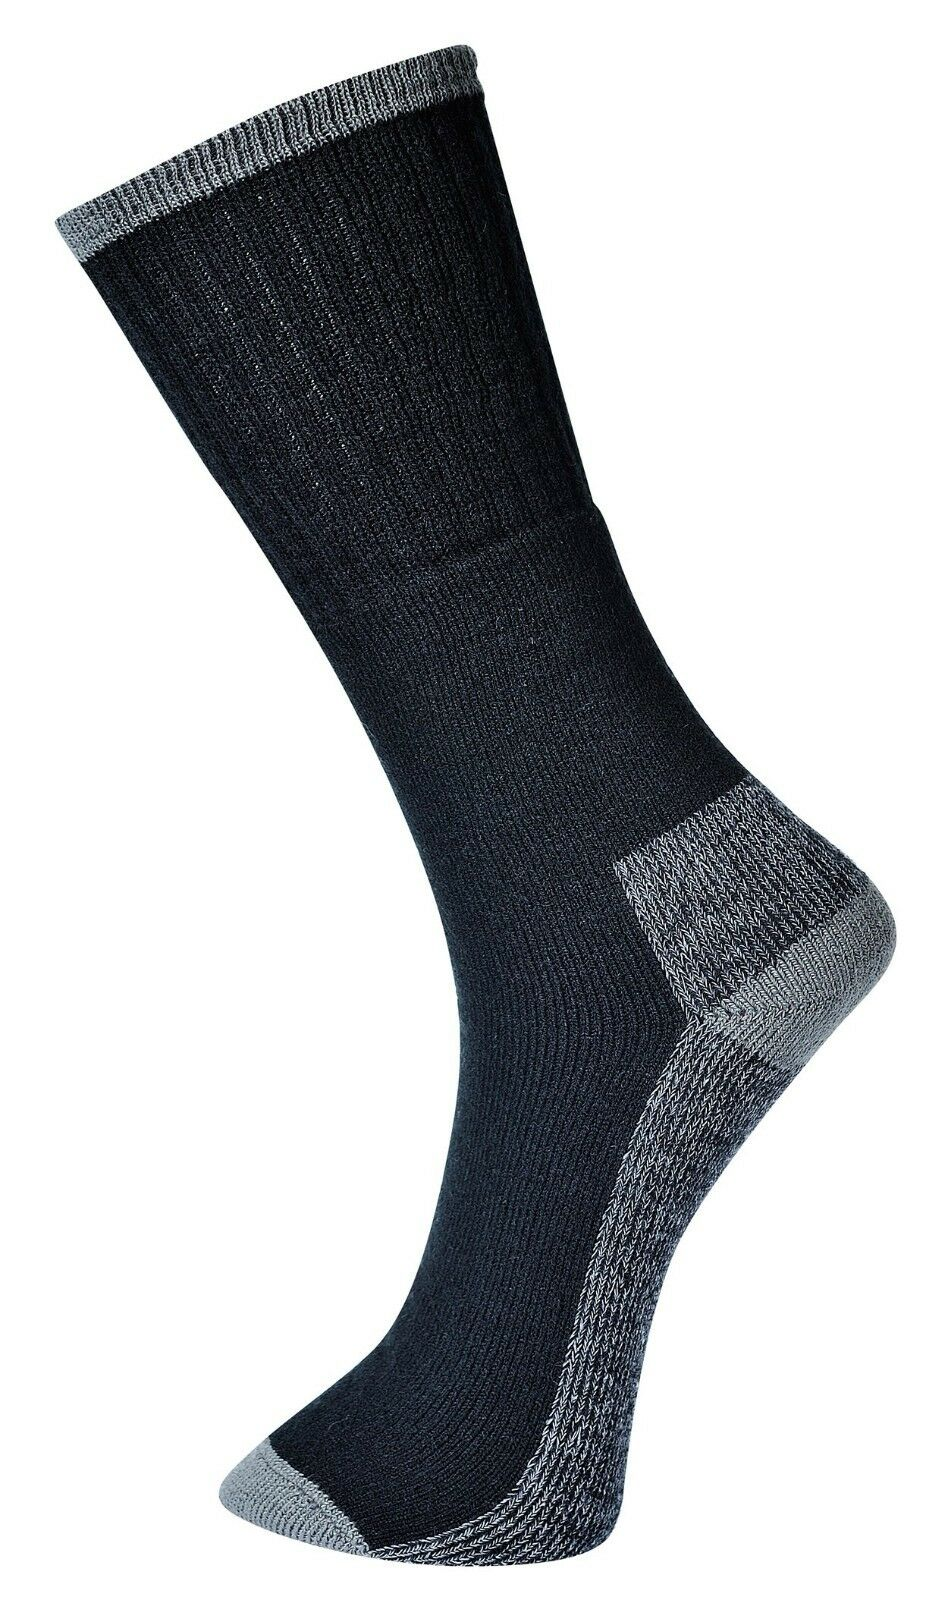 PORTWEST Chaussettes sécurité de travail, de sécurité Chaussettes Boot Chaussettes chaud, hiver, chaussettes noires, Travail Bottes, lot 81adb4